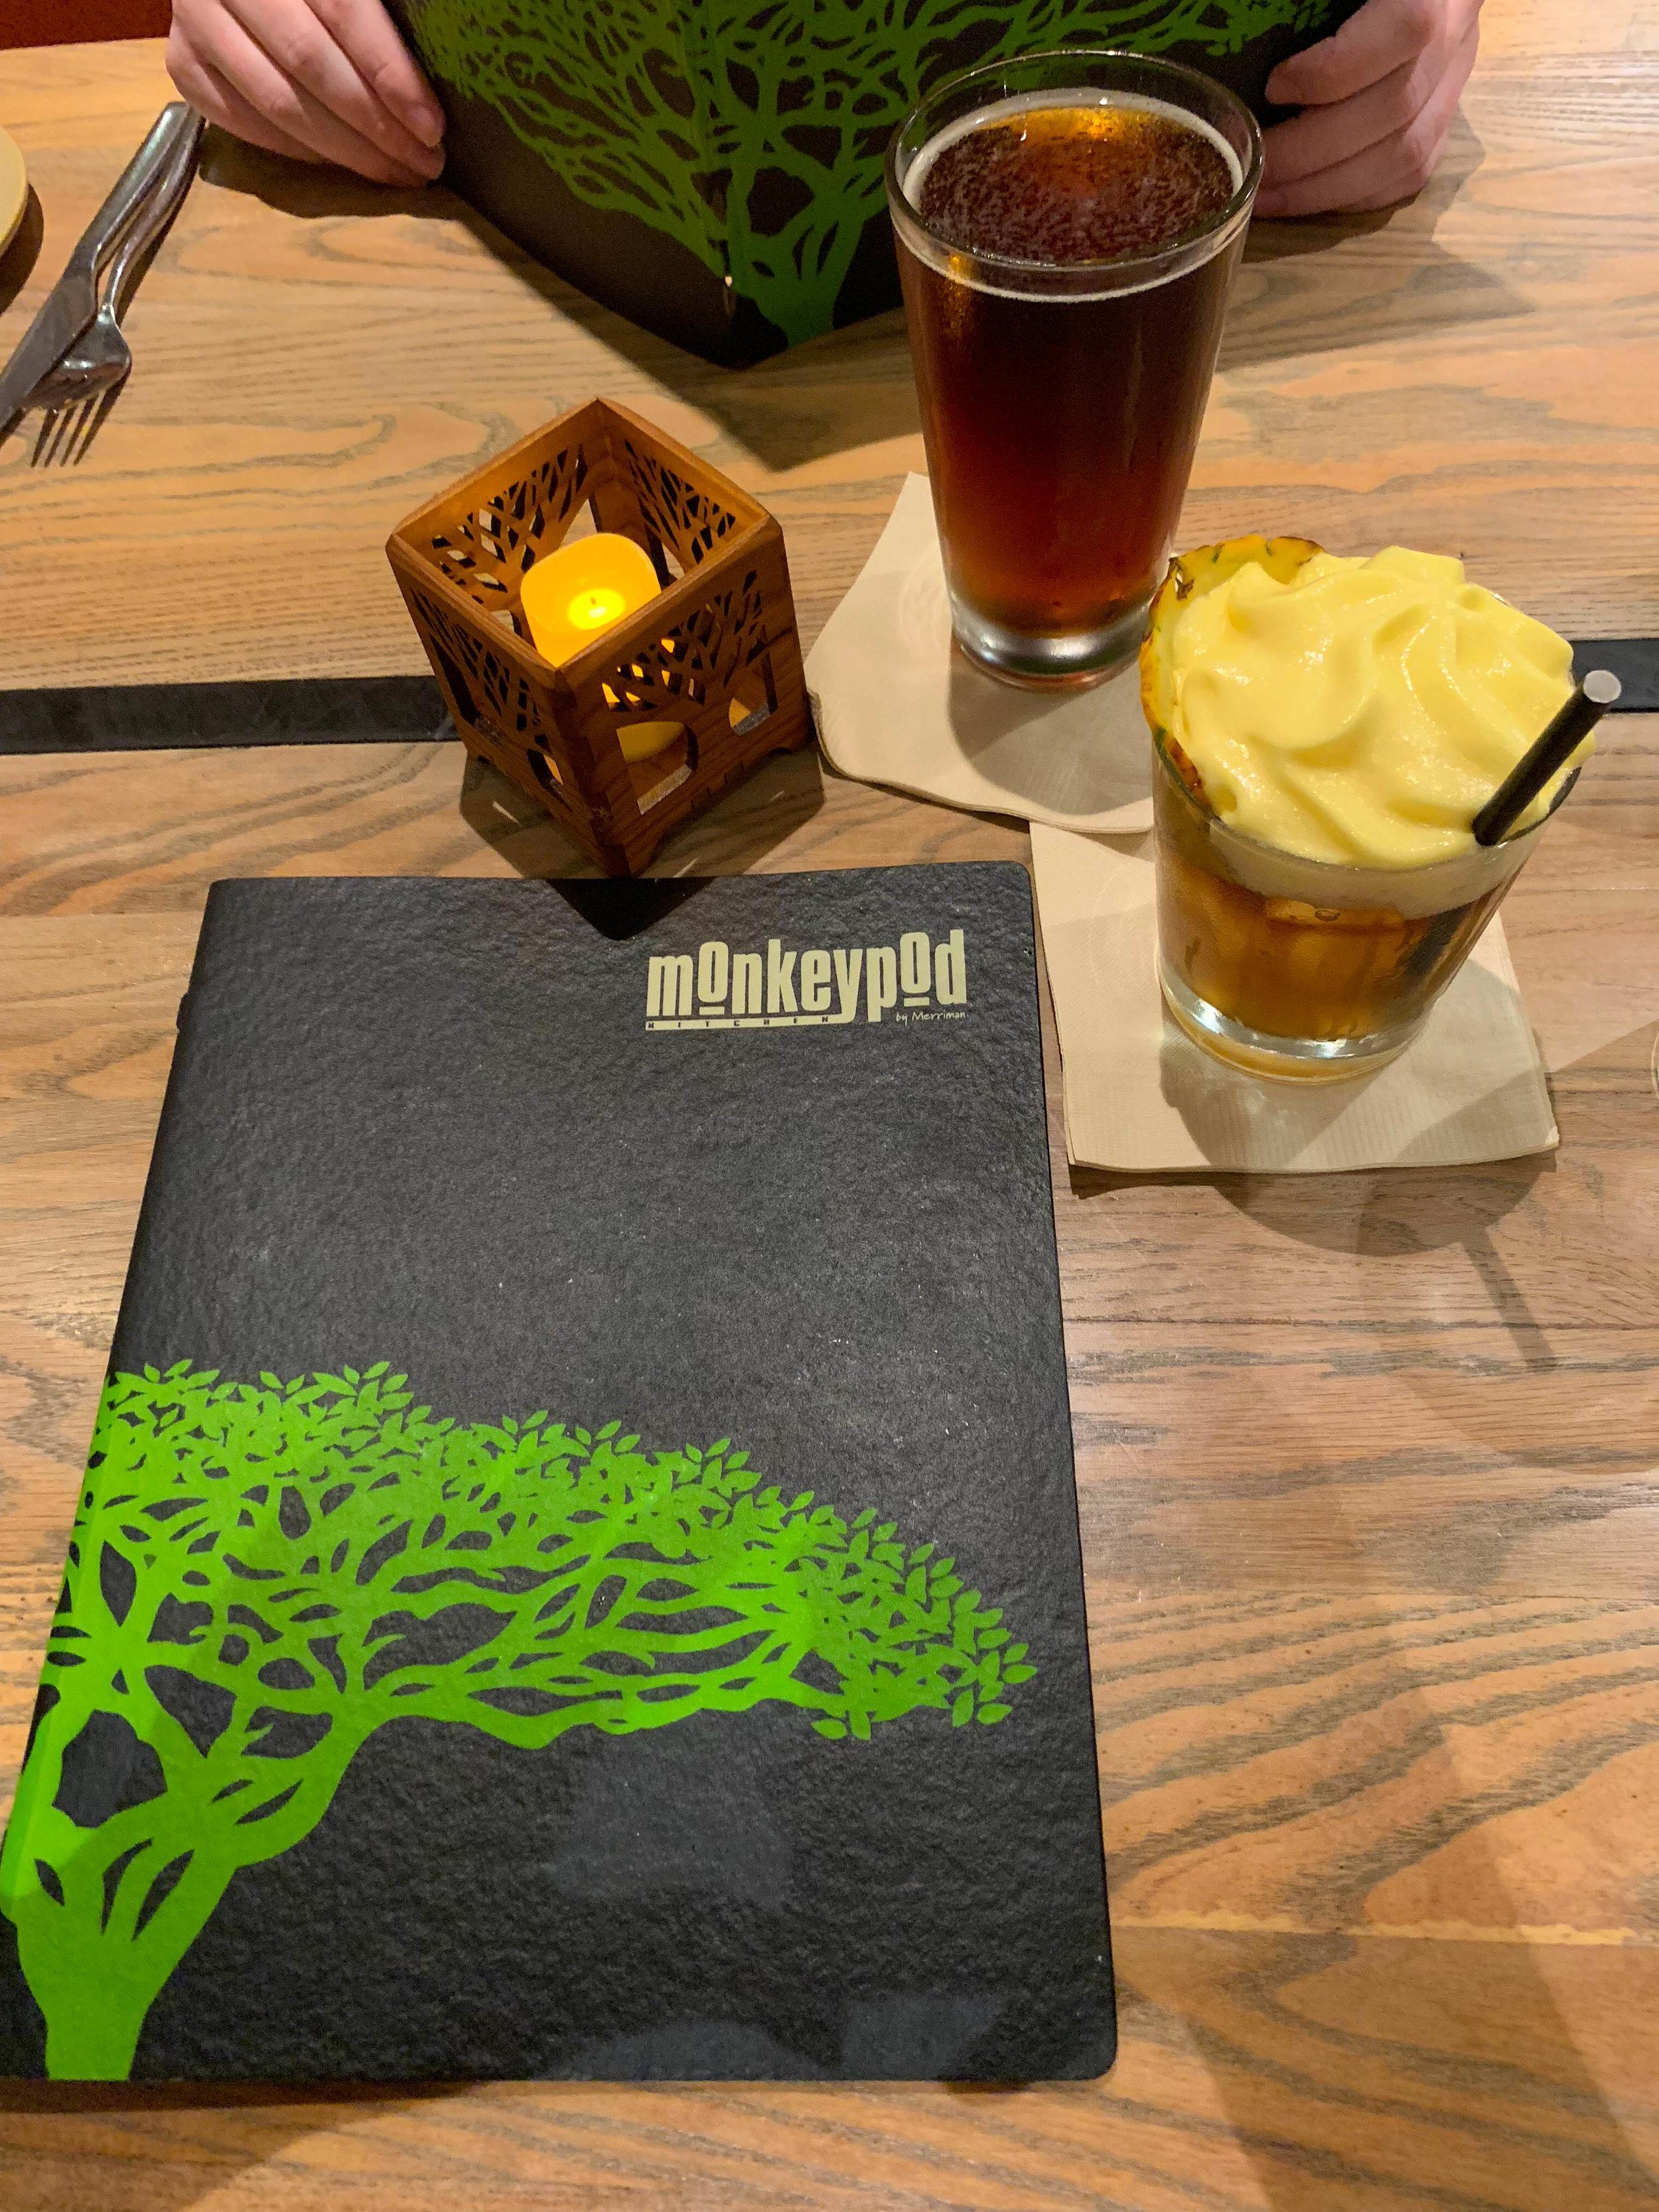 Maui Hawaii Monkeypod menu and drinks - Mai tai